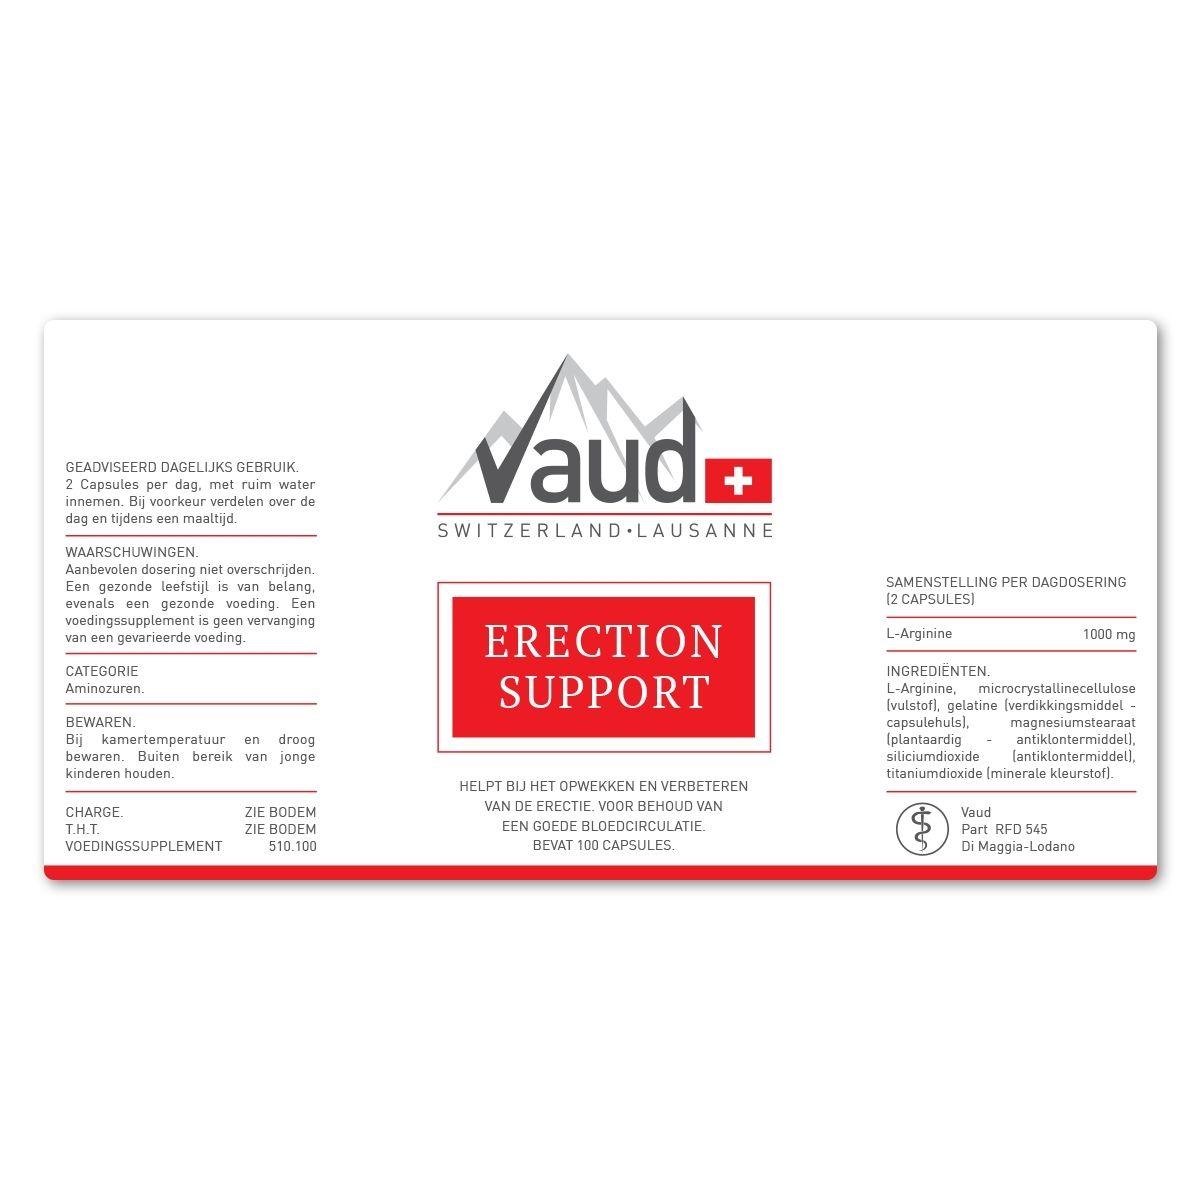 erectie pil label